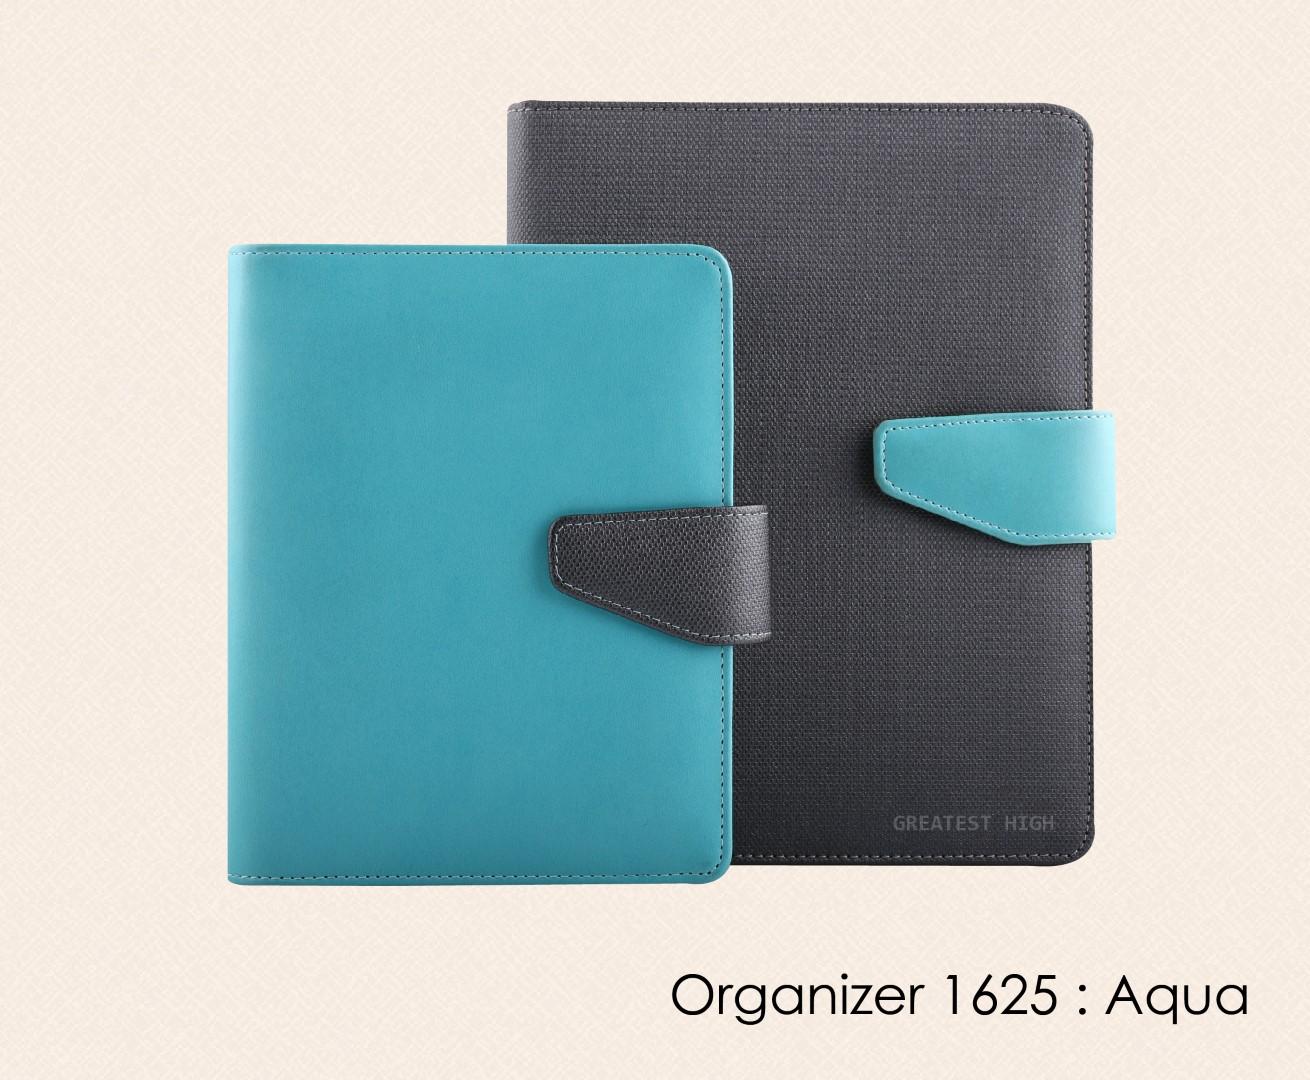 สมุดออร์กาไนเซอร์  Organizer  : OR 1625 Aqua